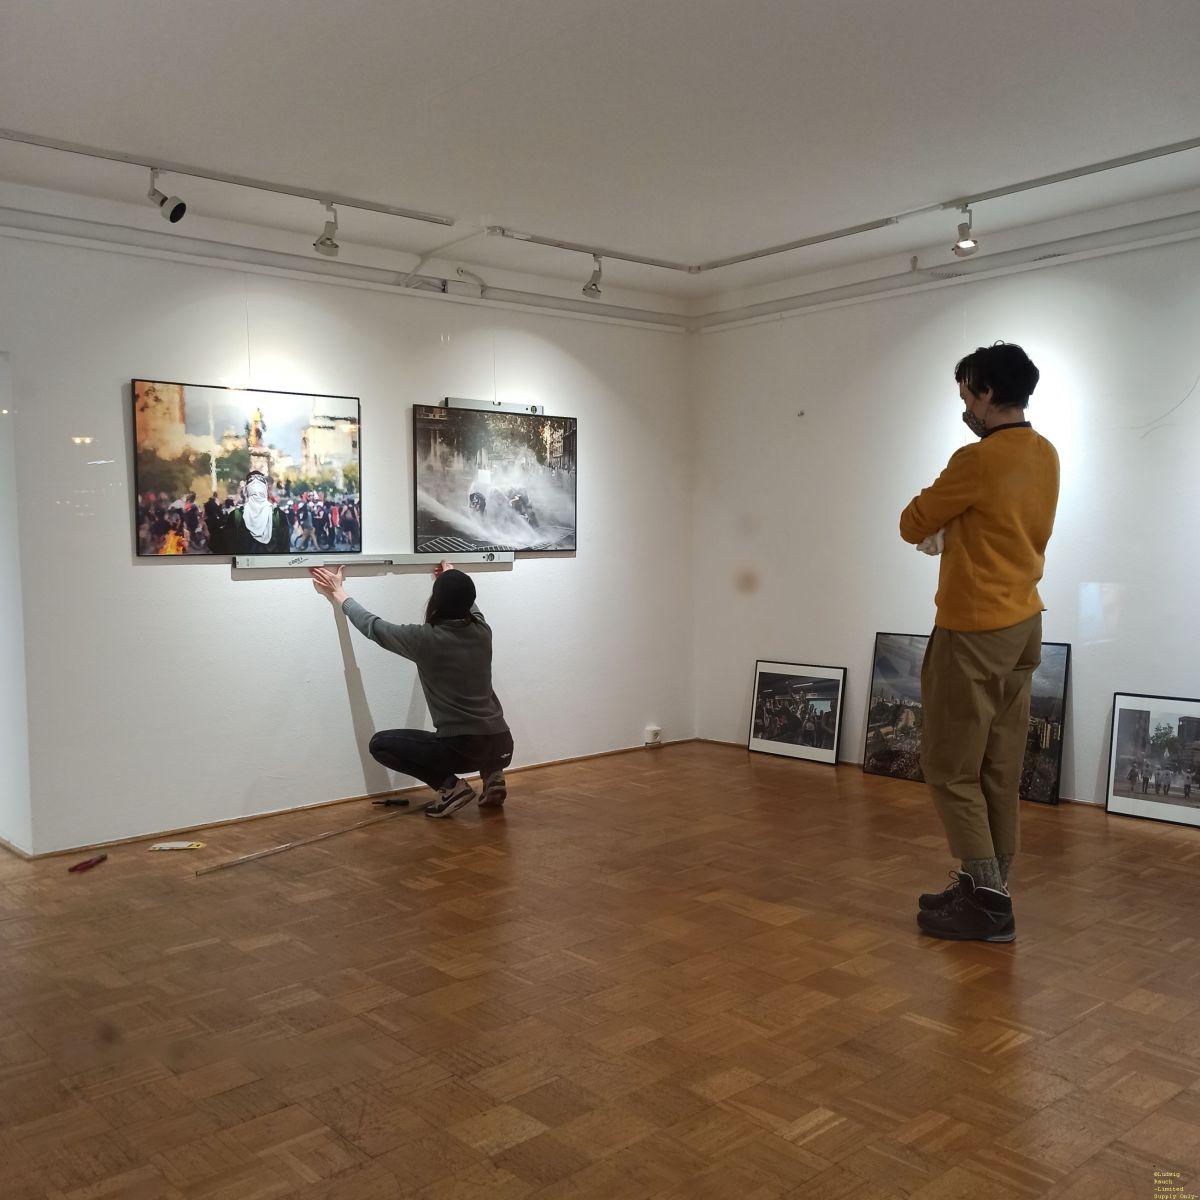 Das-Fotoshaengen-als-Praezisionsarbeit